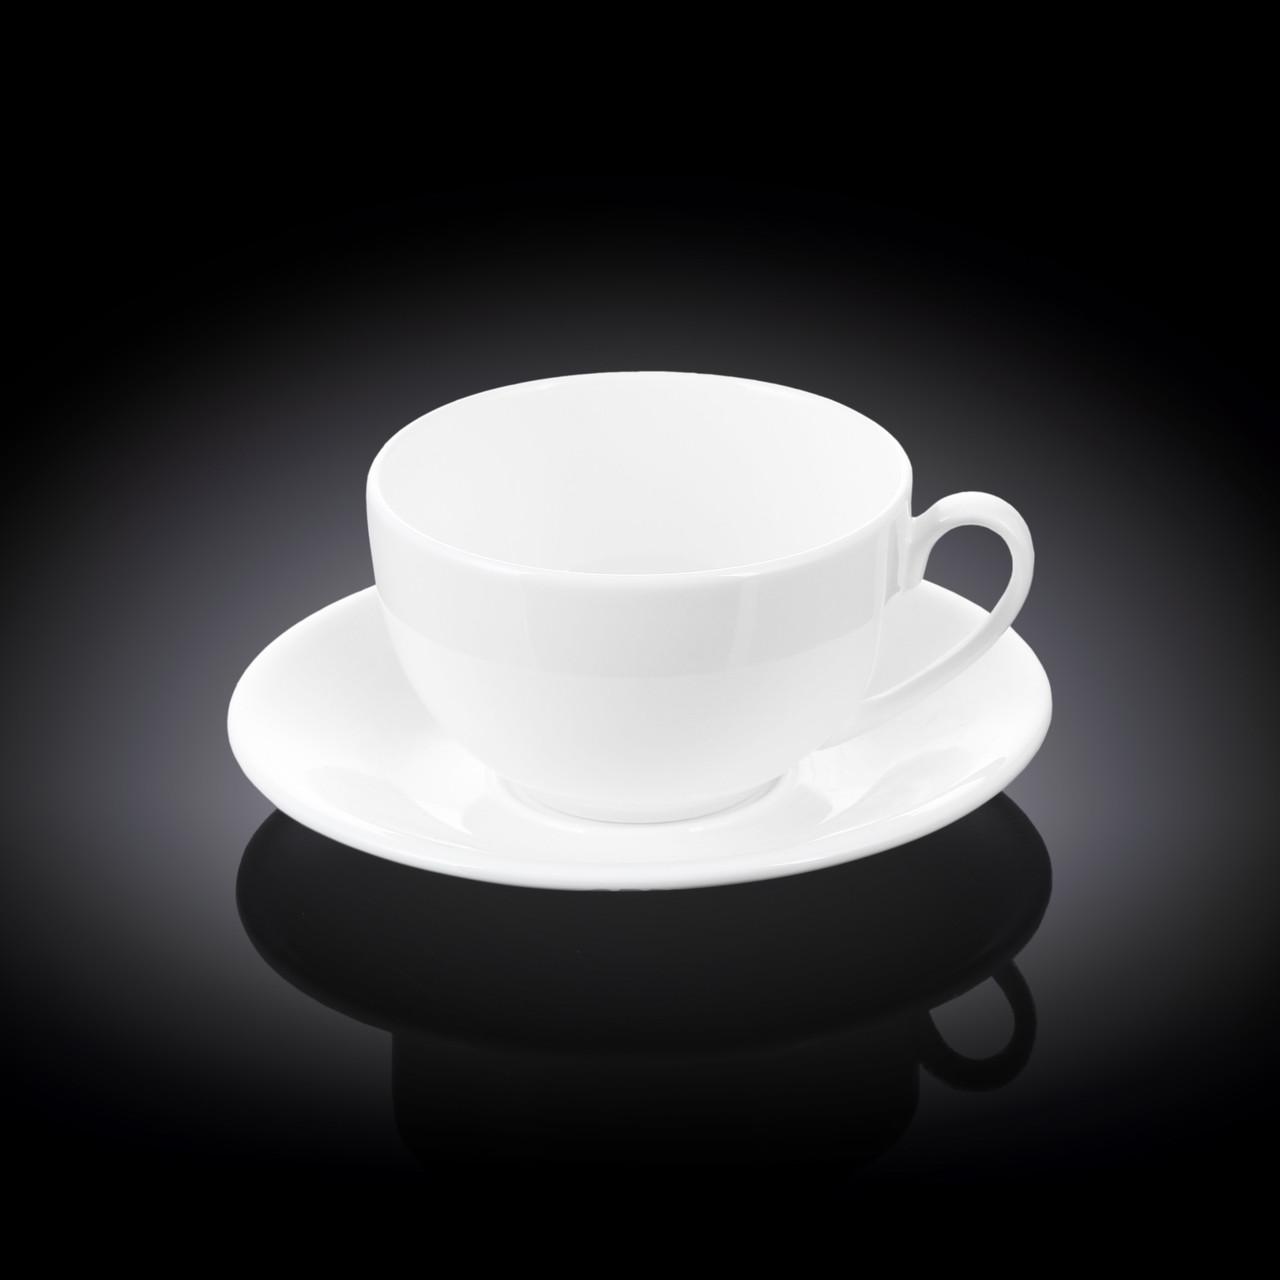 Чайная чашка и блюдце Wilmax 250 мл